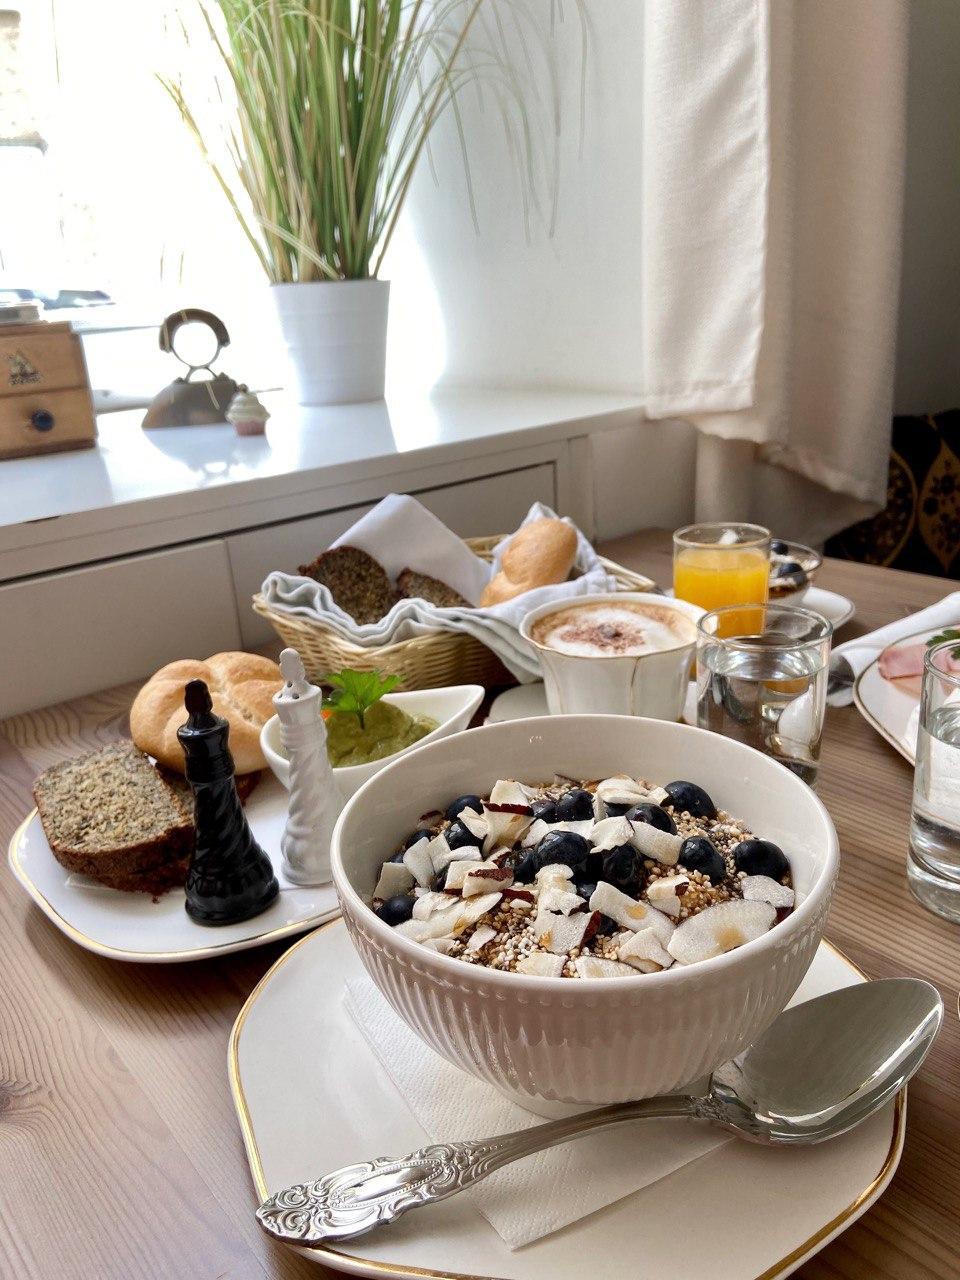 8 Lokal Tipps für dein glutenfreies Frühstück in Wien – zölisicher!